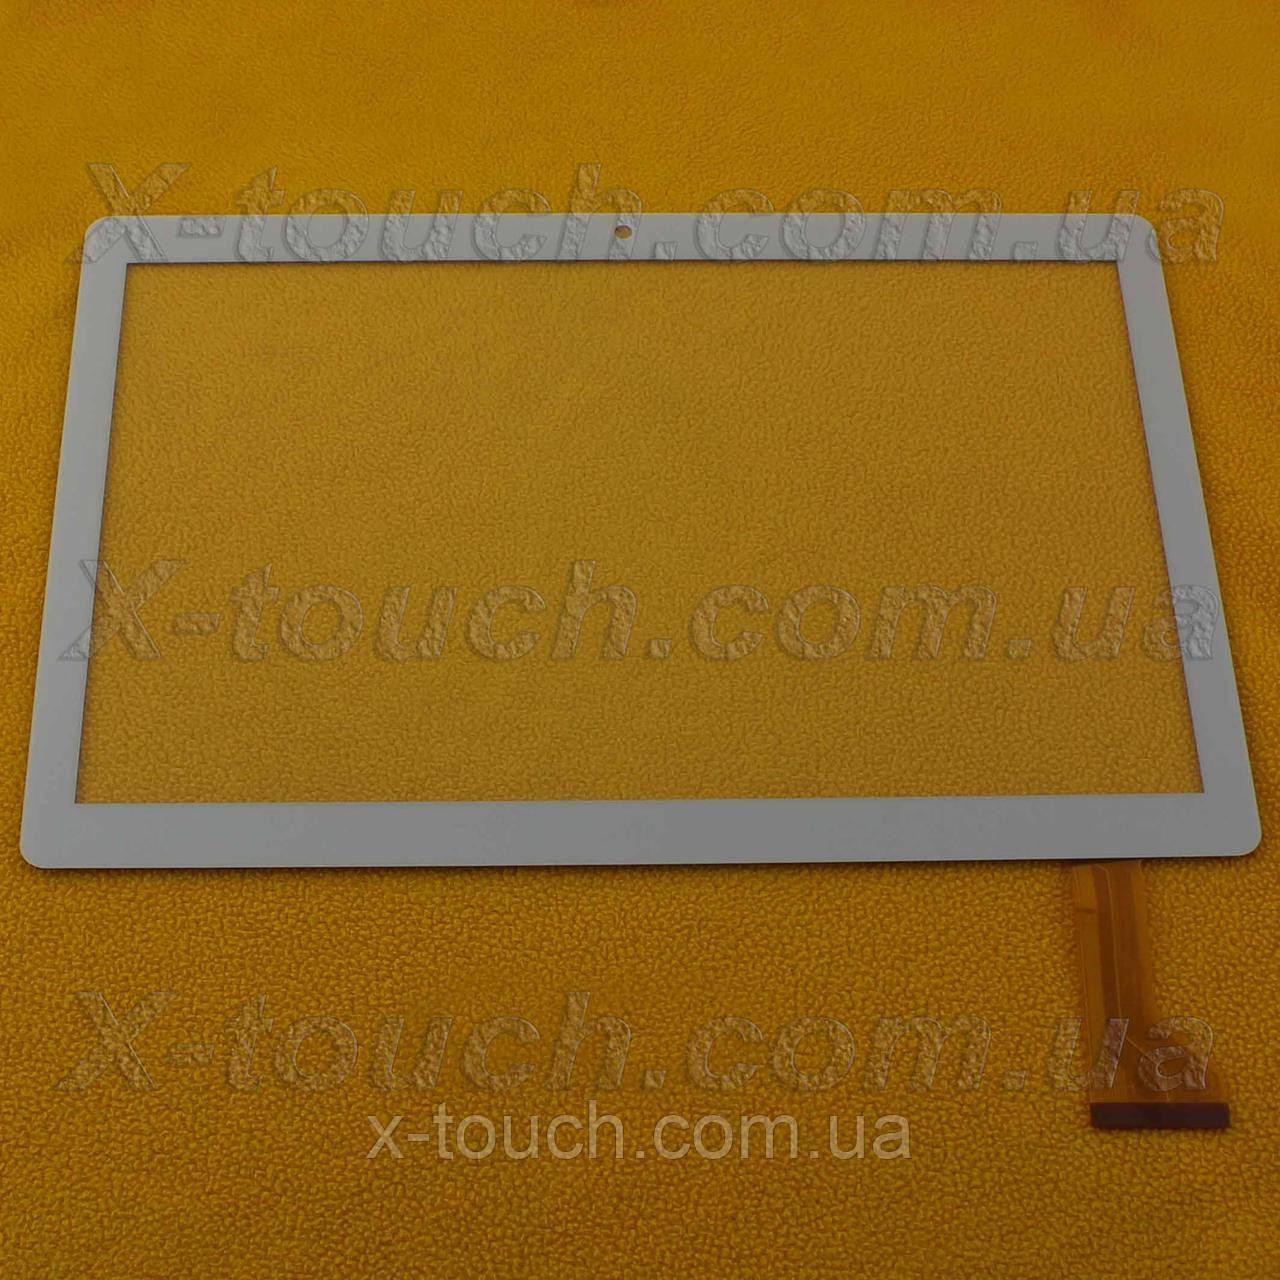 Тачскрин, сенсор YLD-CEGA400-FPC-A0 для планшета, БЕЛЫЙ.